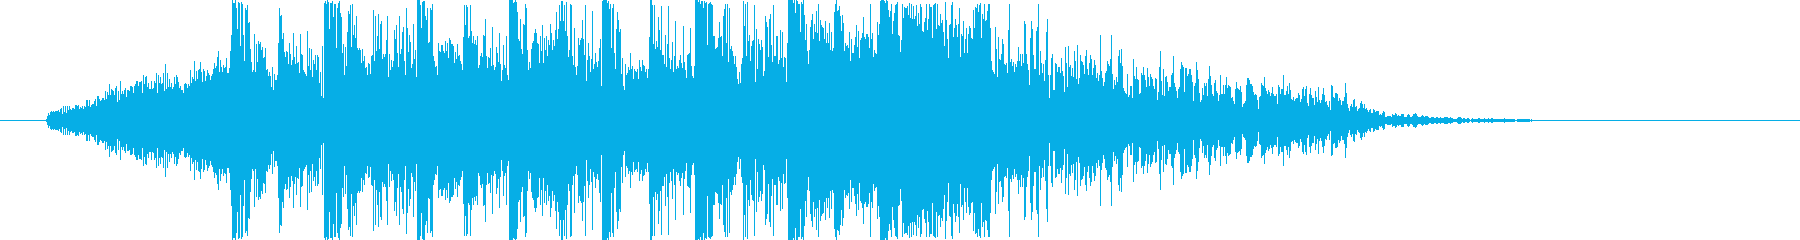 エレクトでダンサンブルなジングルの再生済みの波形